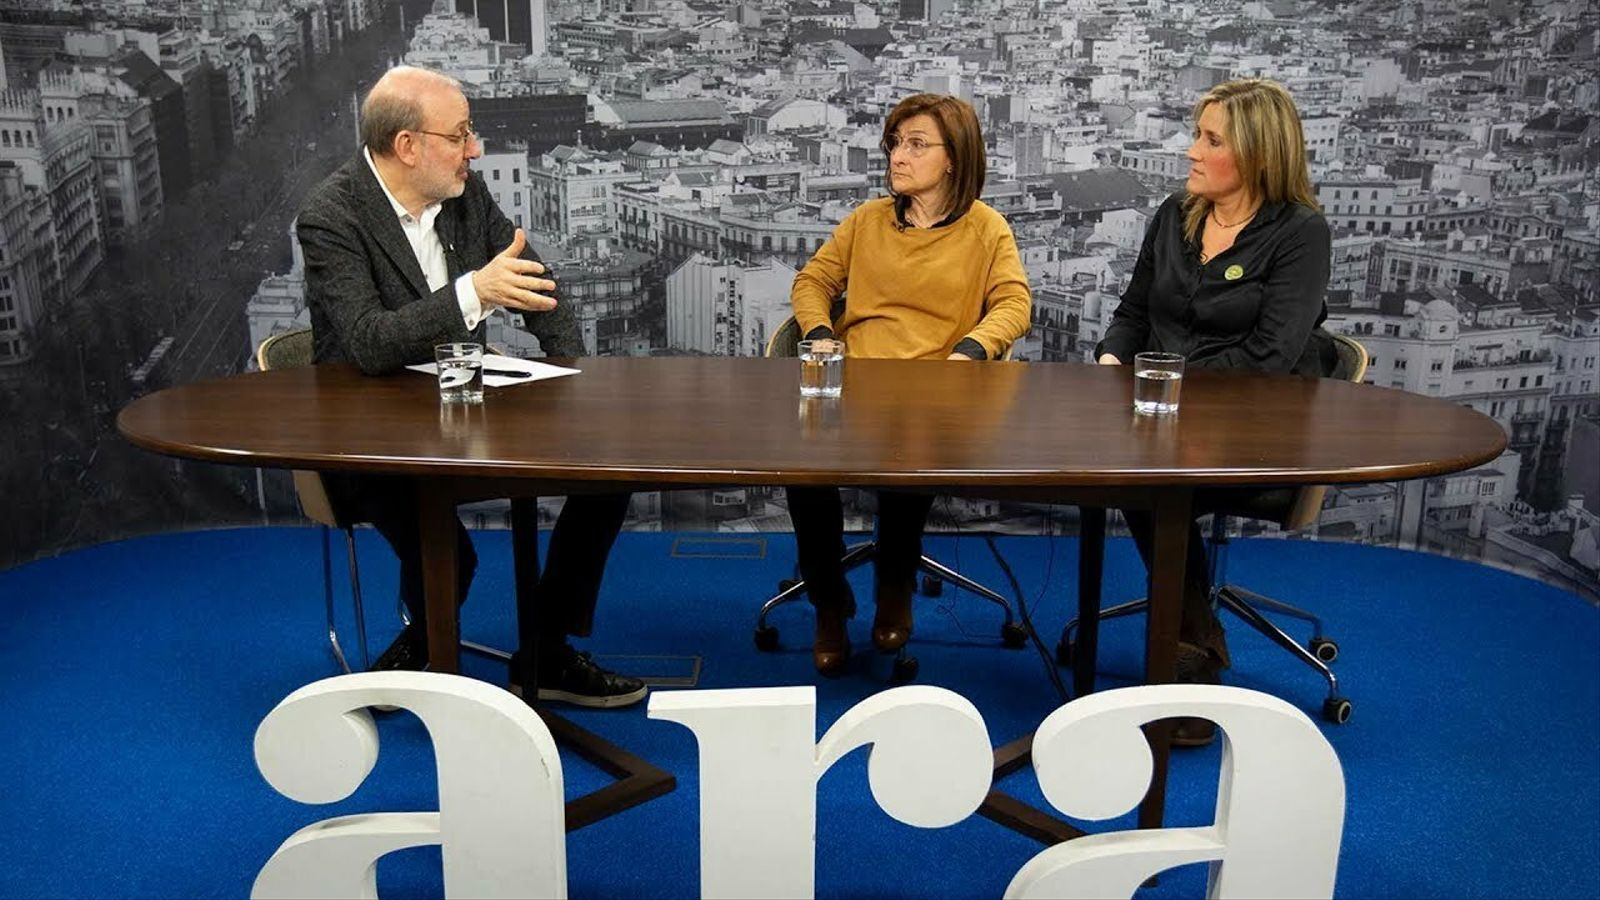 Entrevista d'Antoni Bassas a Dolors Català i Raquel Serrat